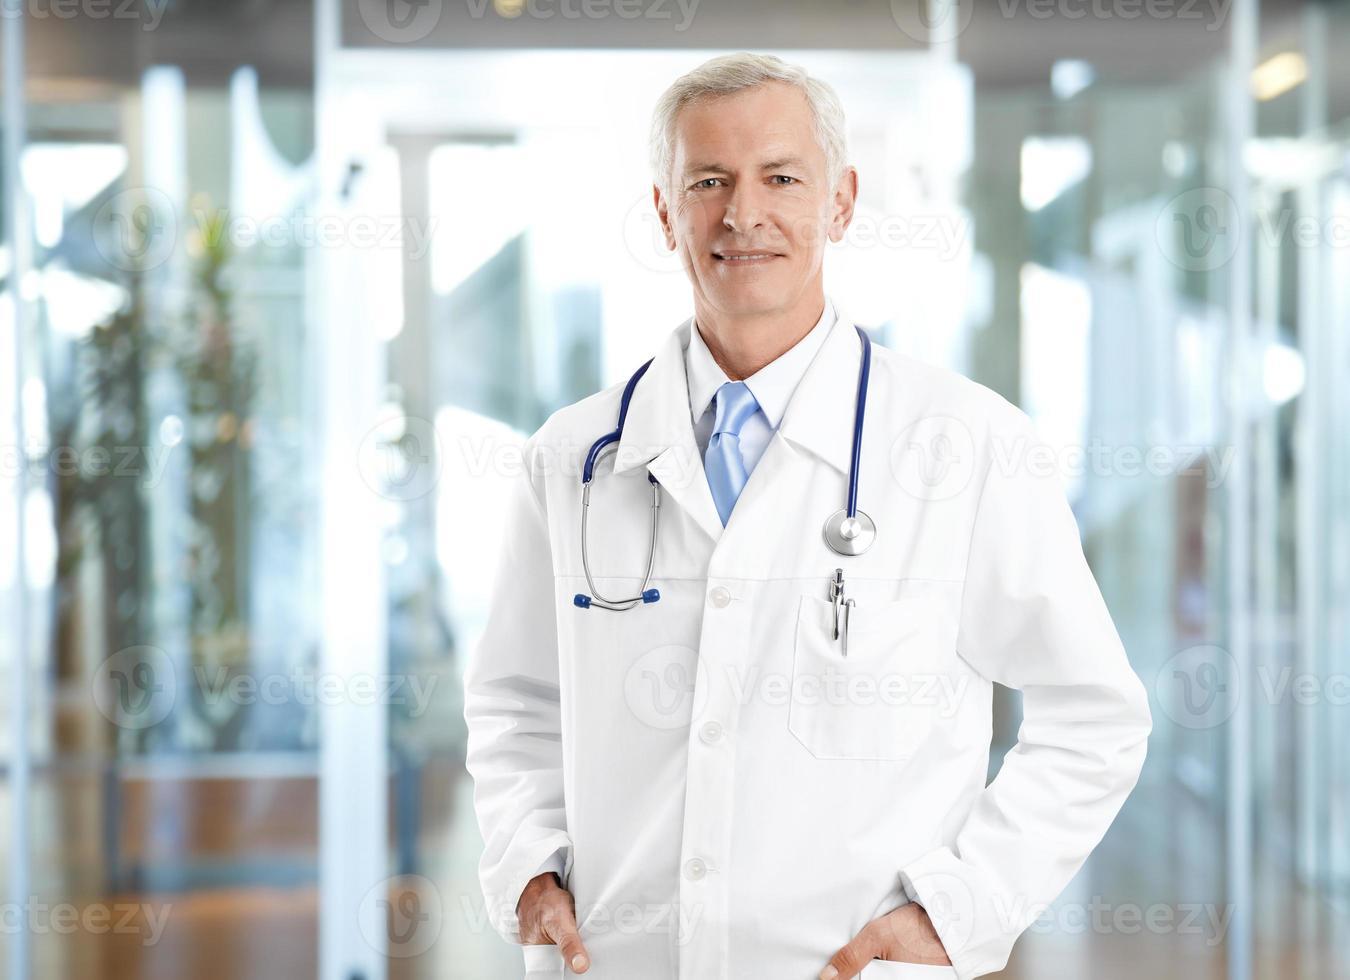 médico senior seguro foto